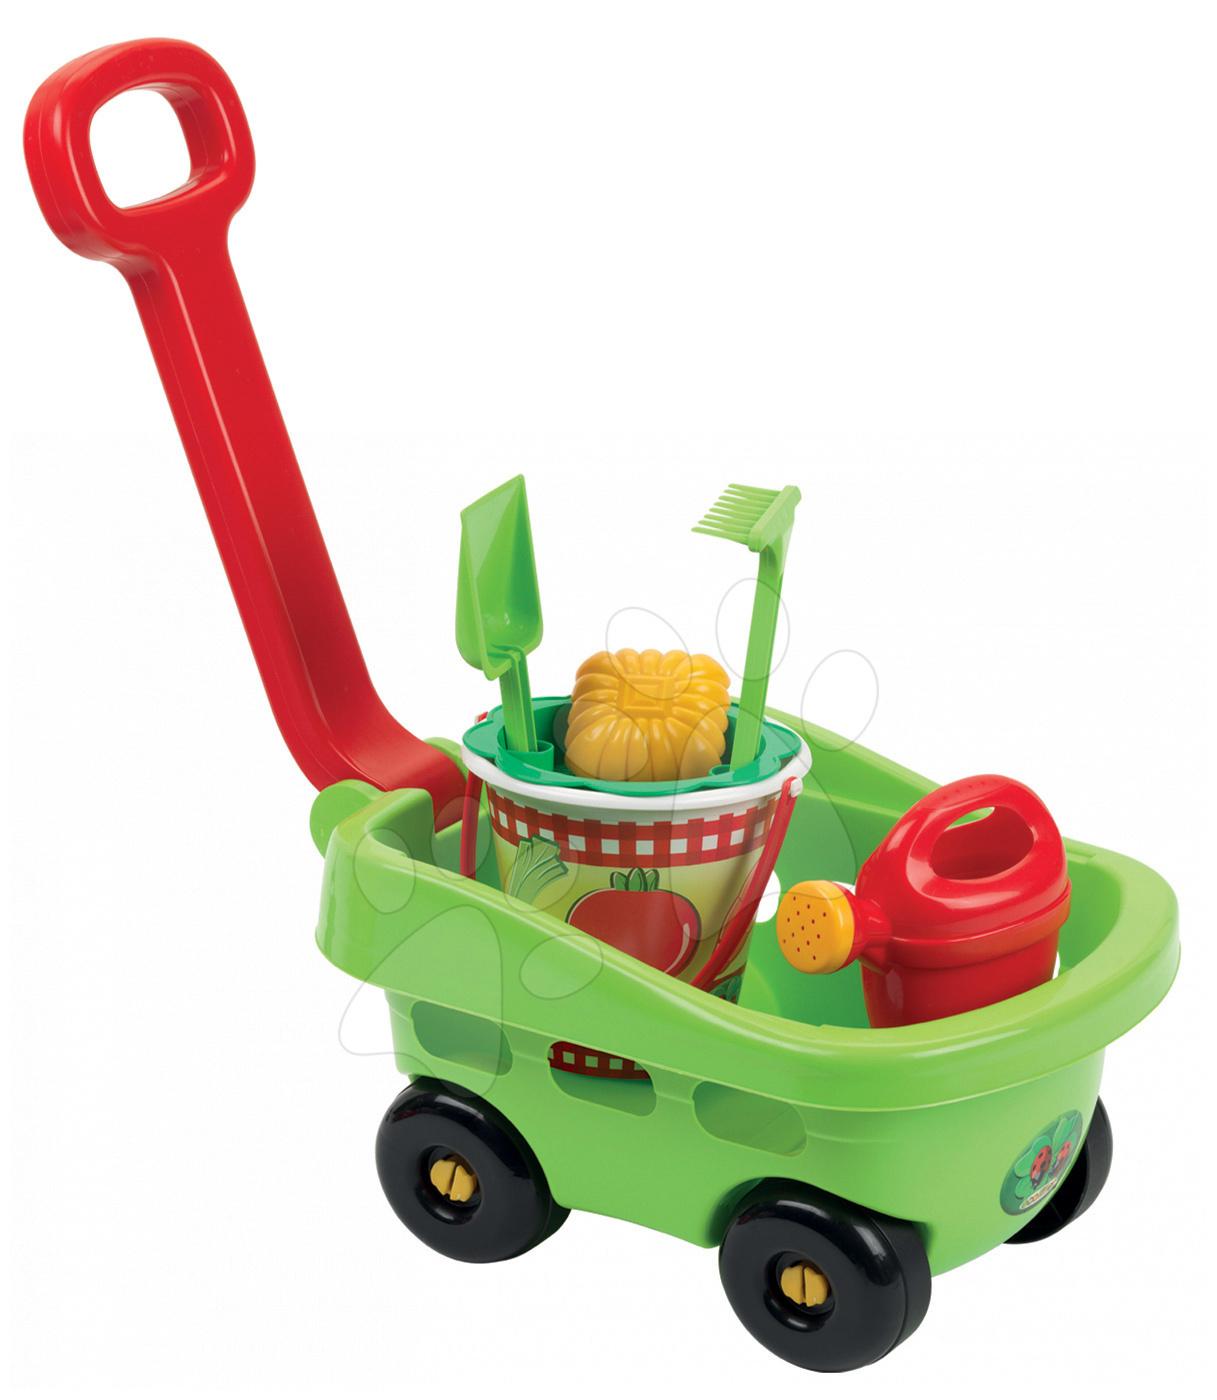 Vozík s kbelík setem Picnic Écoiffier 6 dílů zelený od 18 měsíců